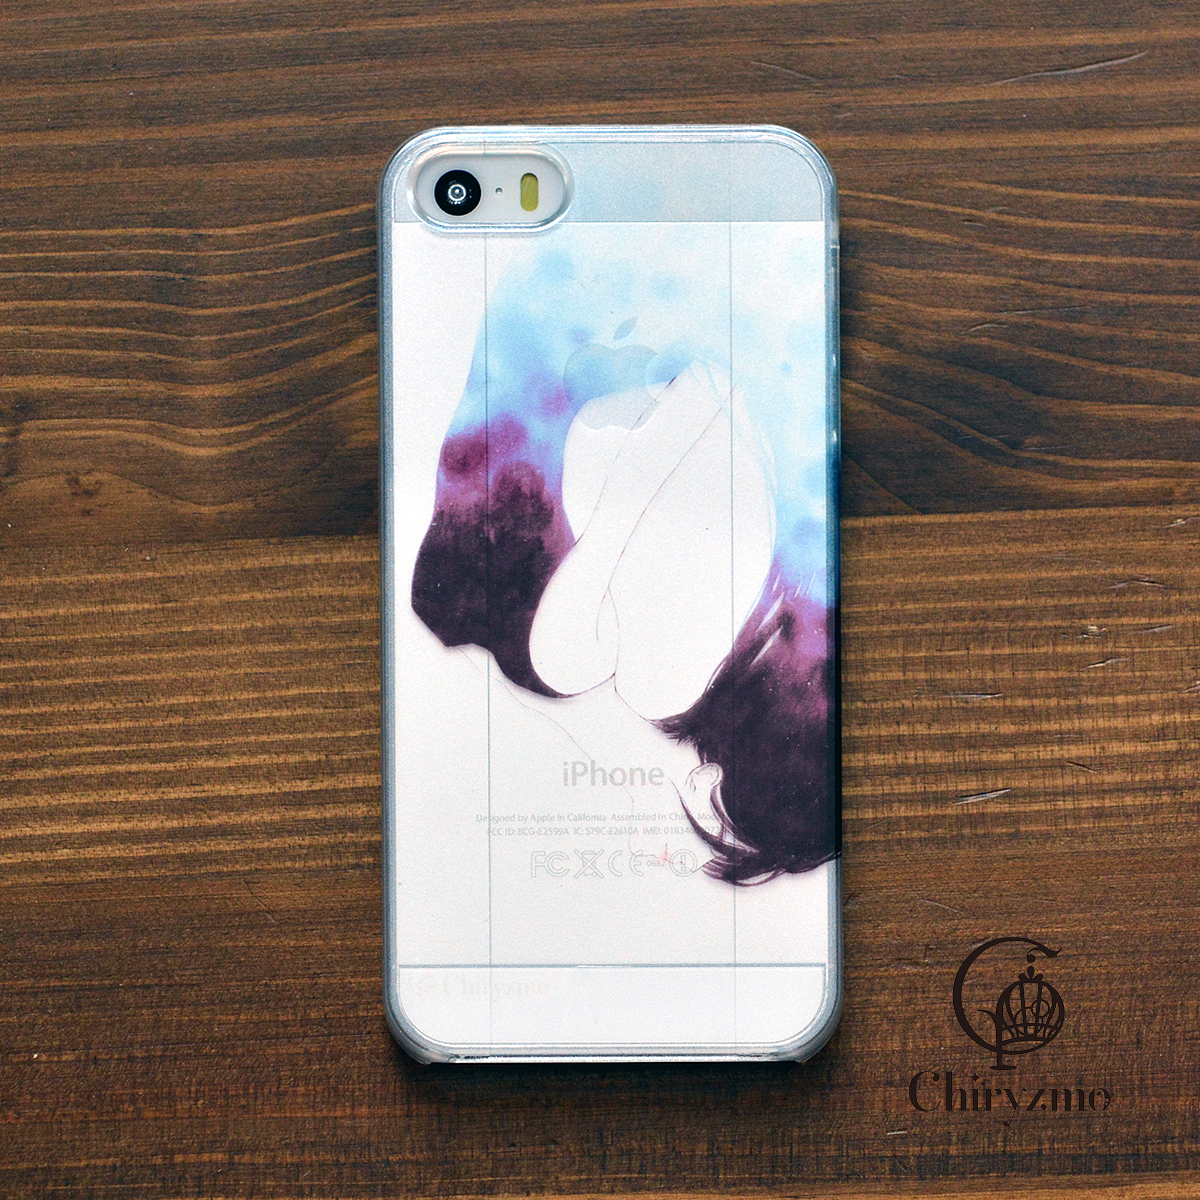 【BASE店限定】アイフォンse ケース クリア iPhoneSE クリアケース キラキラ かわいい 新生活 孵化/Chiryzmo